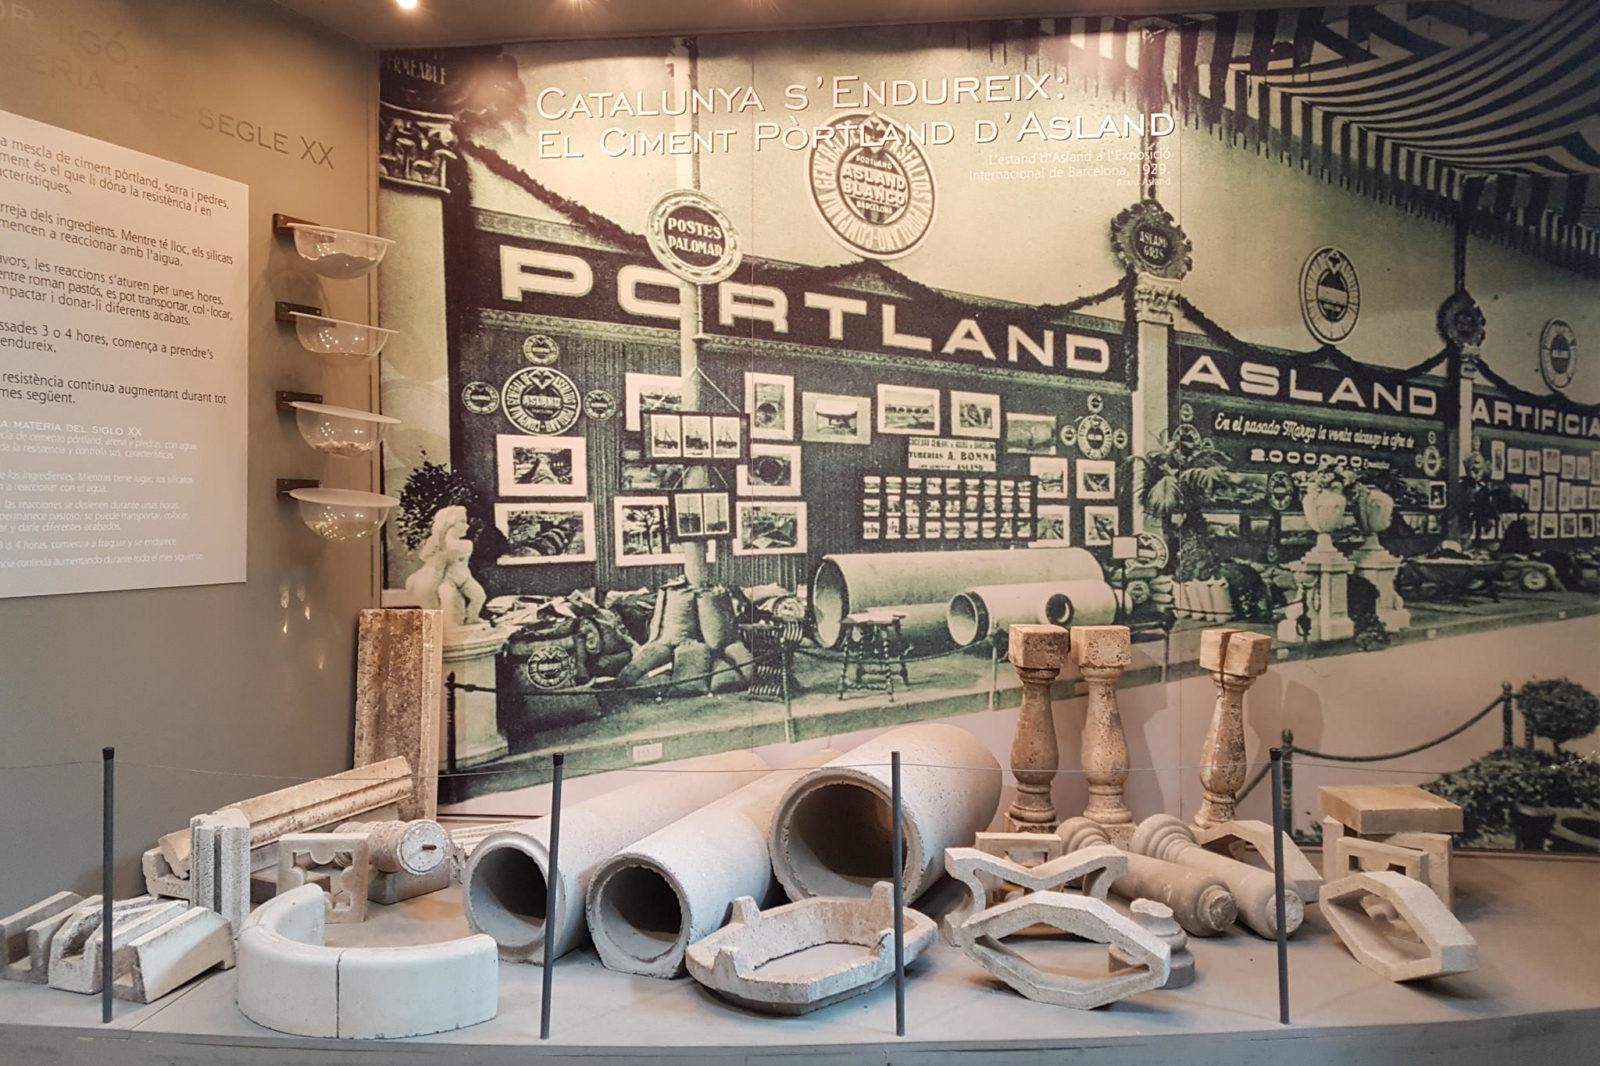 Цементный завод, музей (фото: Elizabeth Poblador)